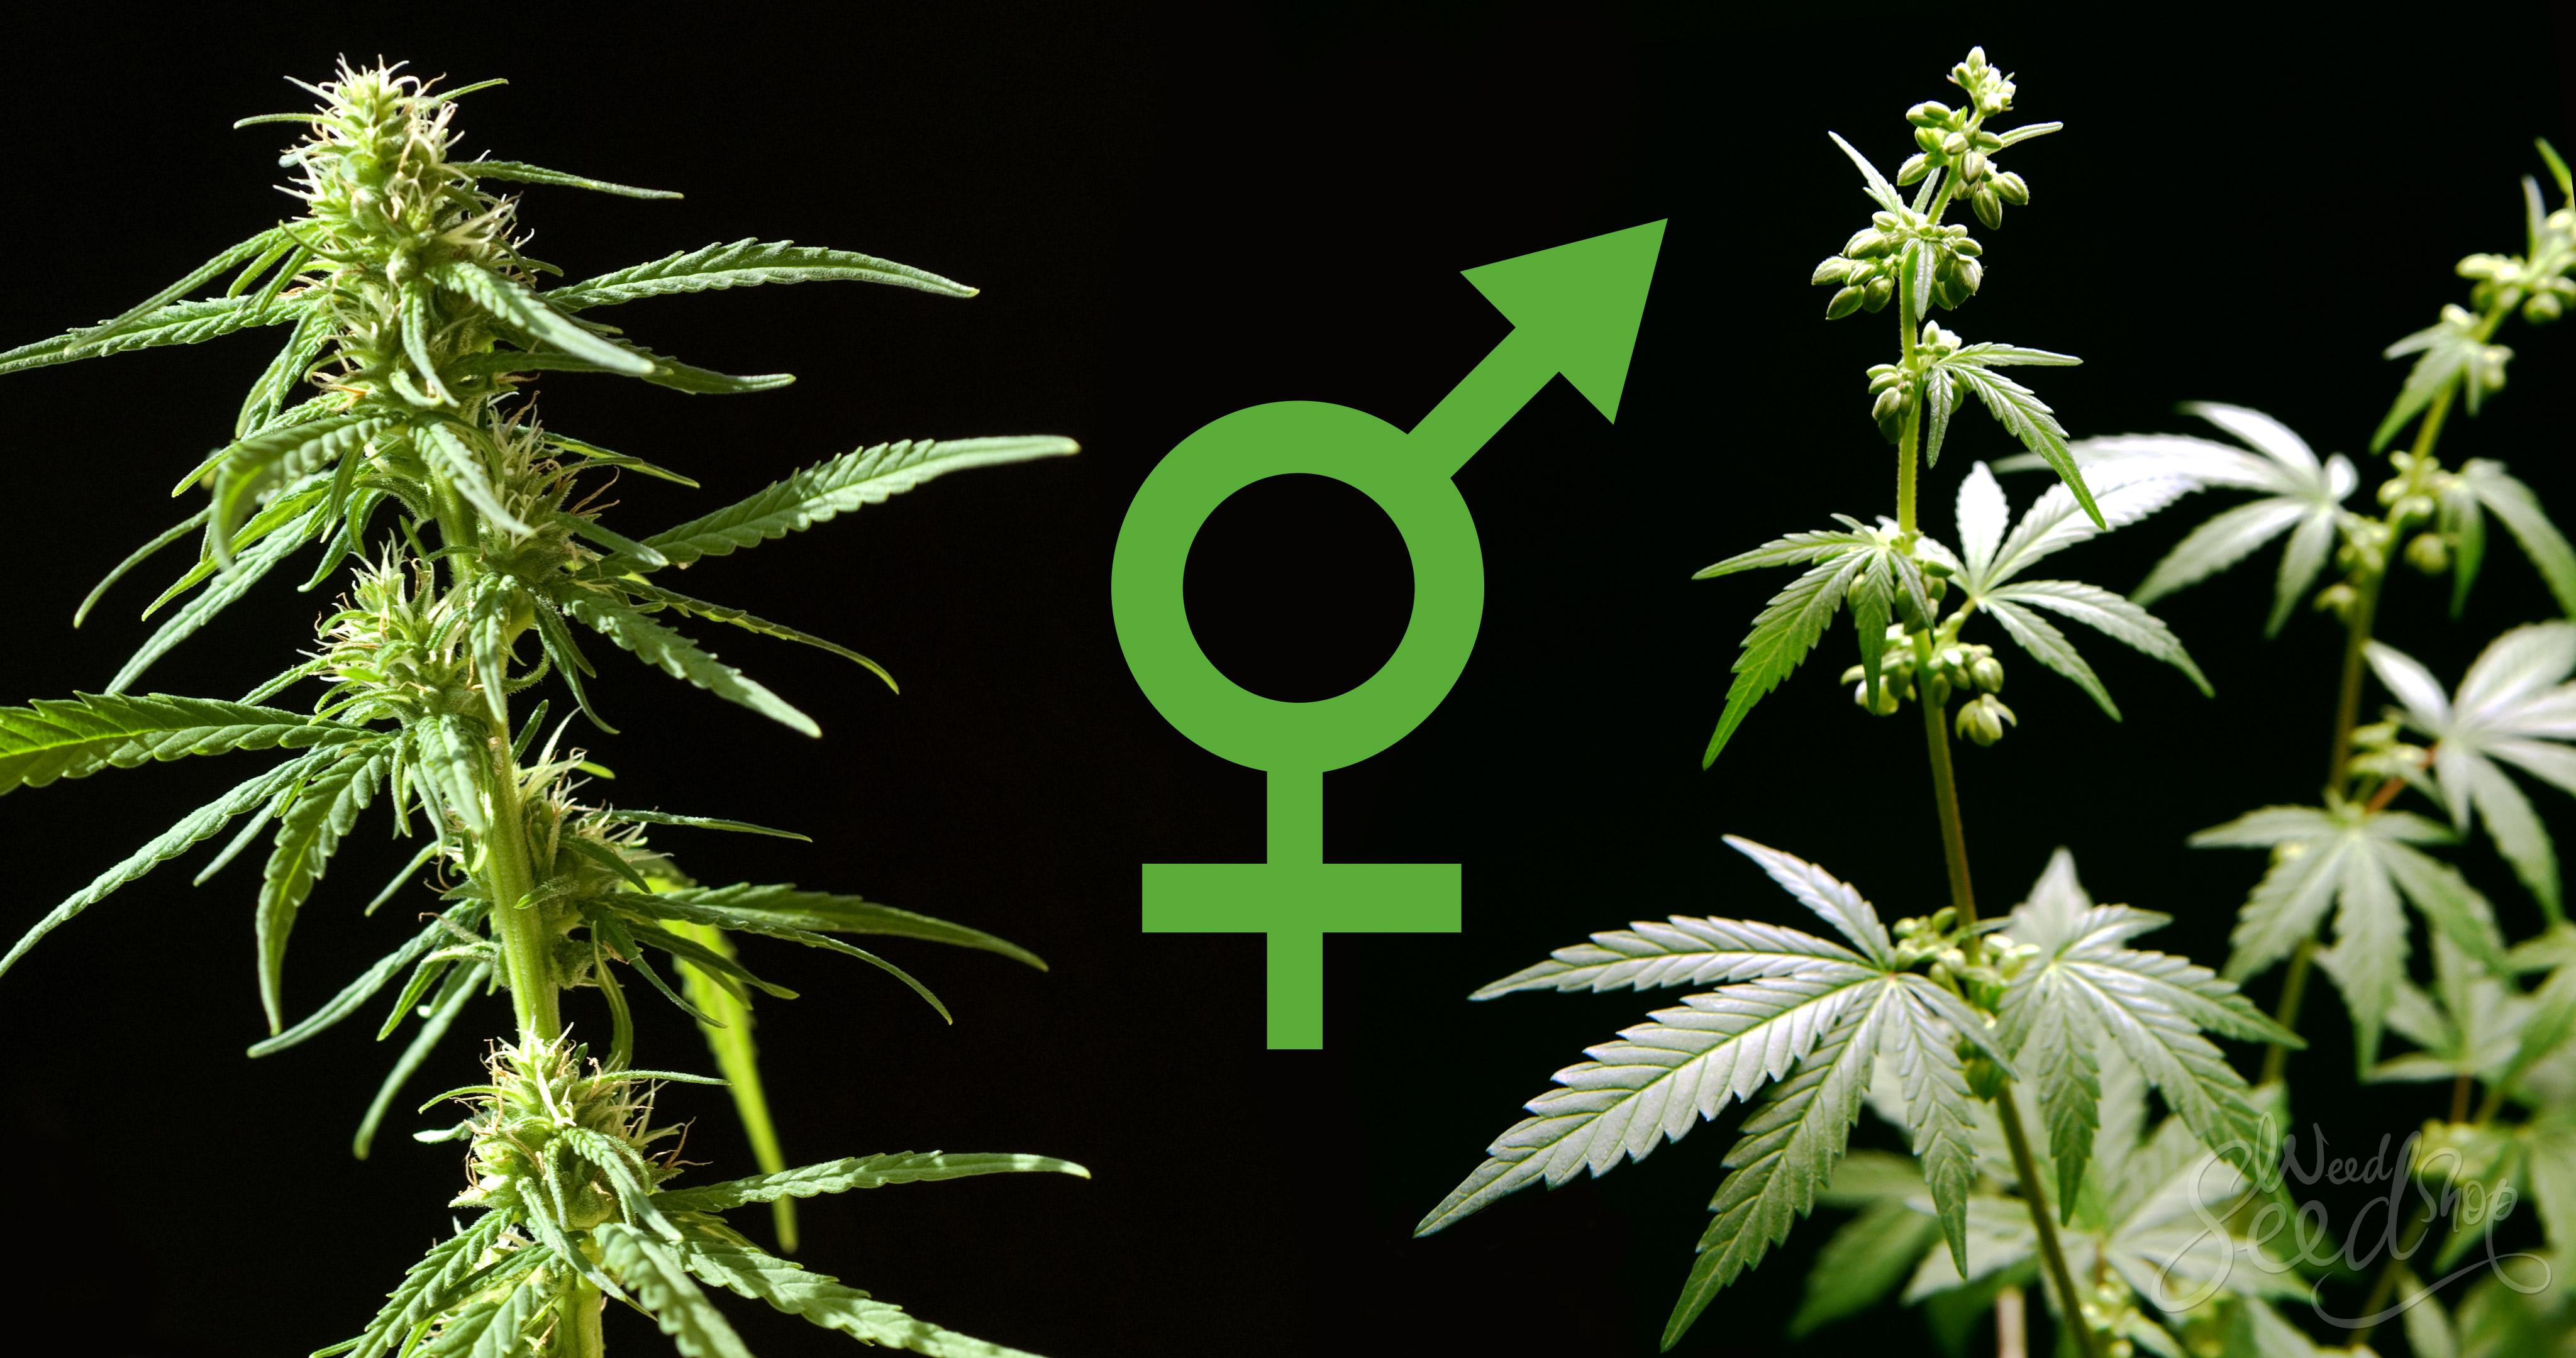 Wie du herausfindest, ob deine Pflanze weiblich oder männlich ist